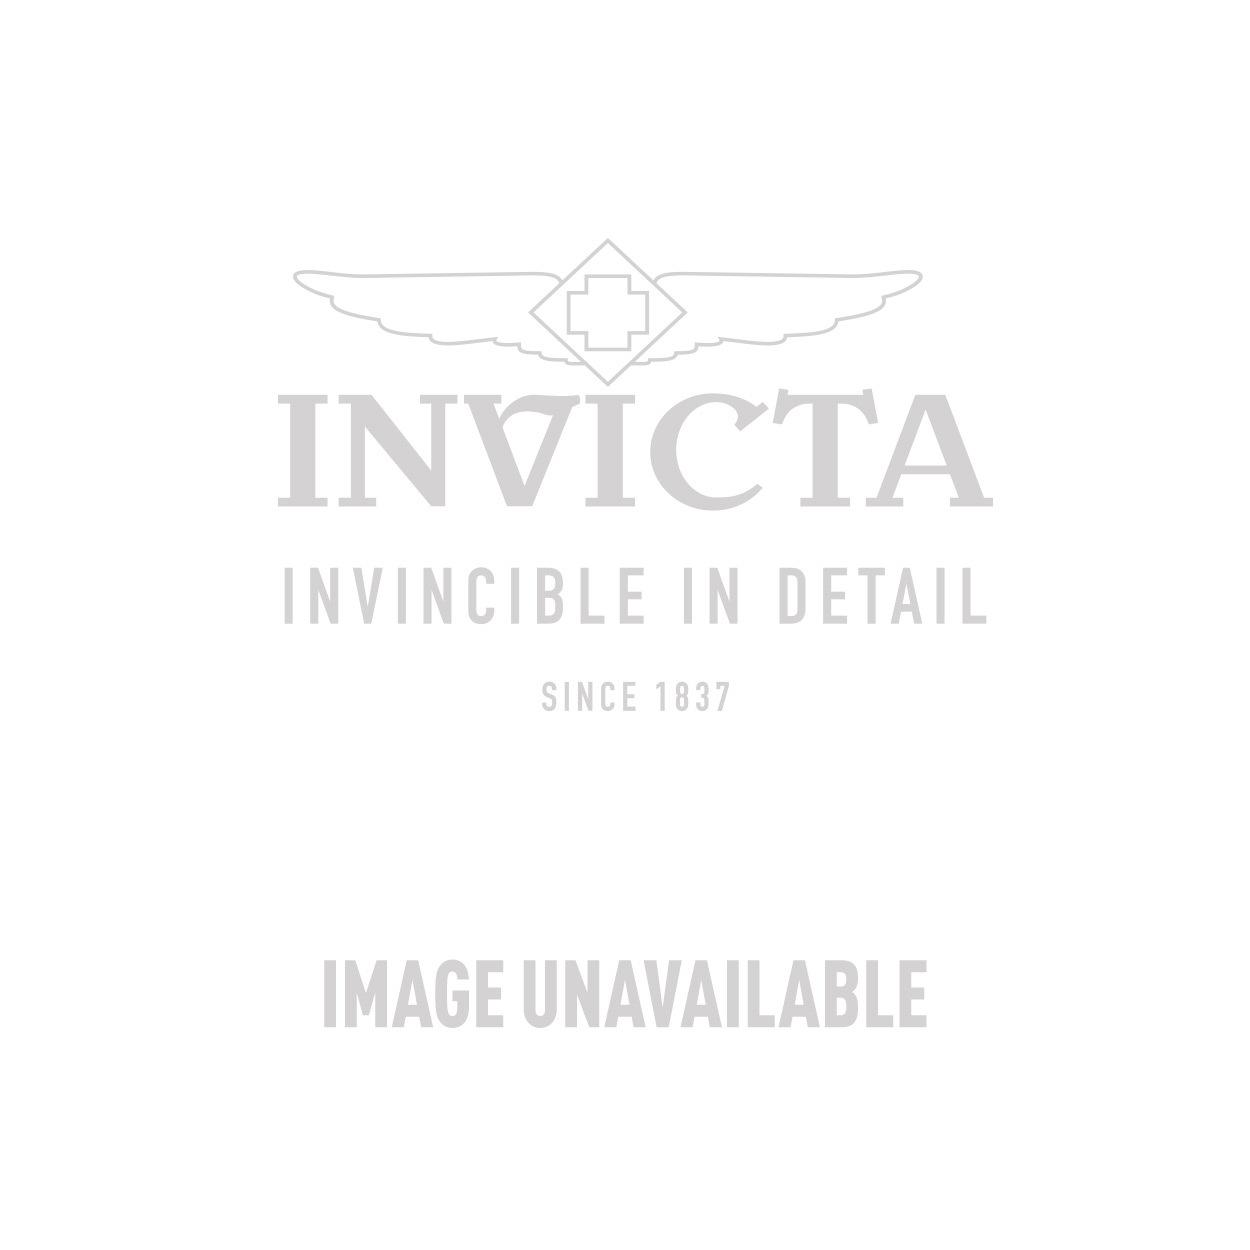 Invicta Model 24508